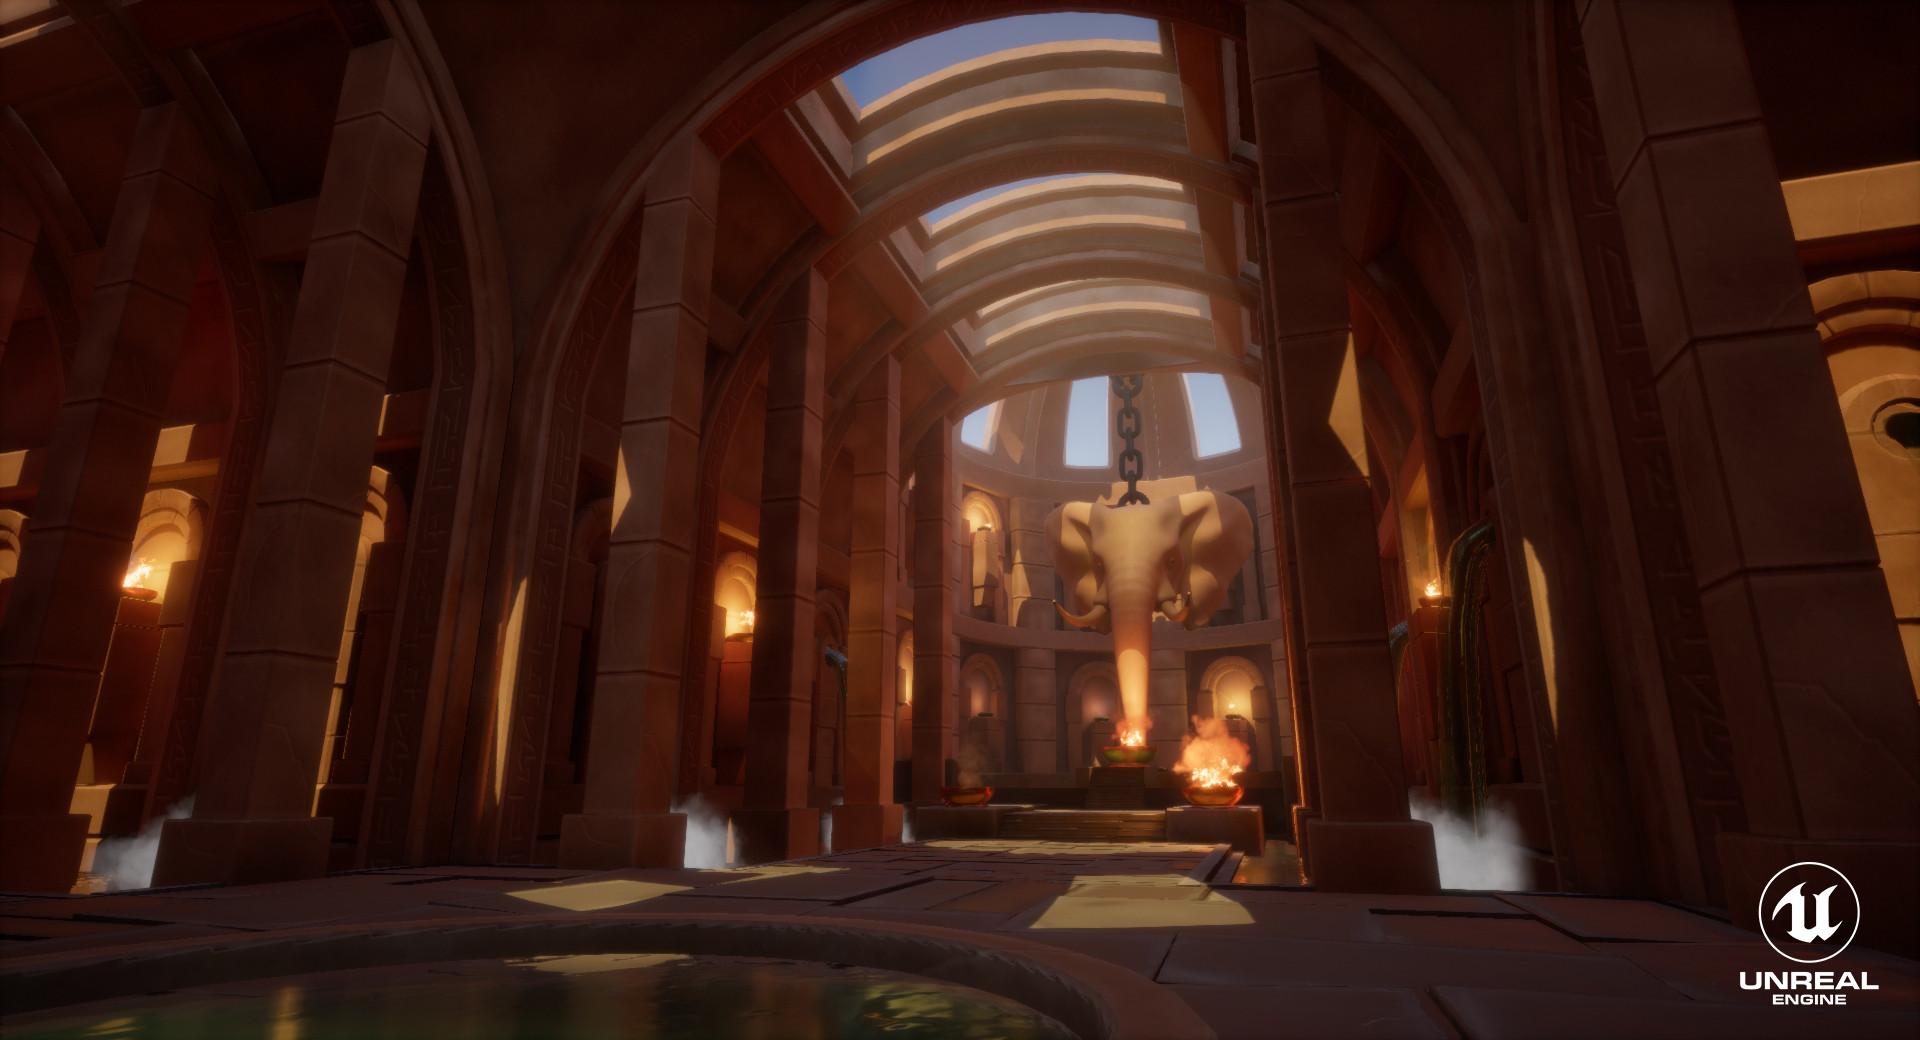 Nicolas crevier crevier nicolas temple 01